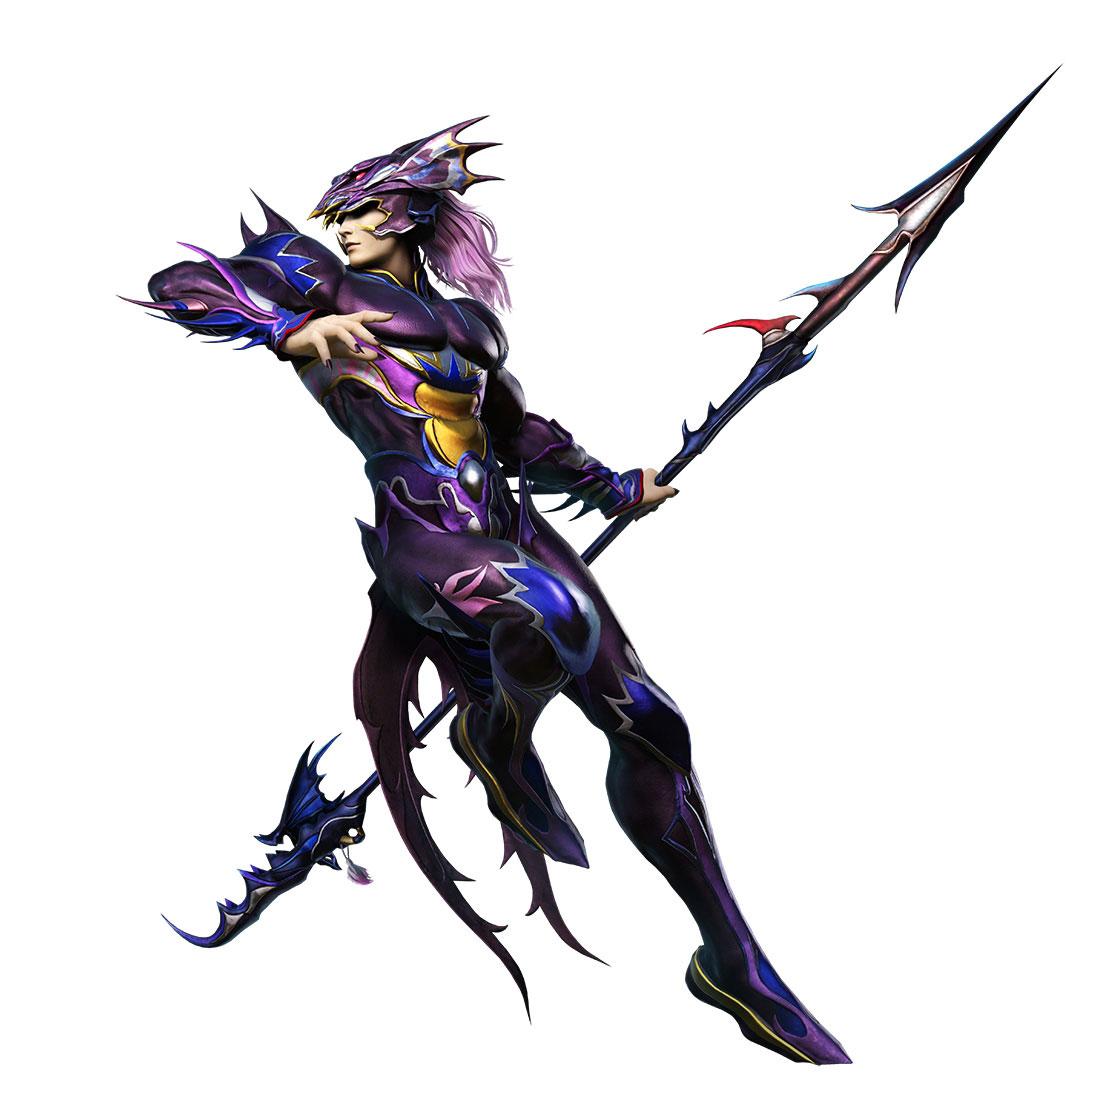 Kain Dissidia Final Fantasy artwork